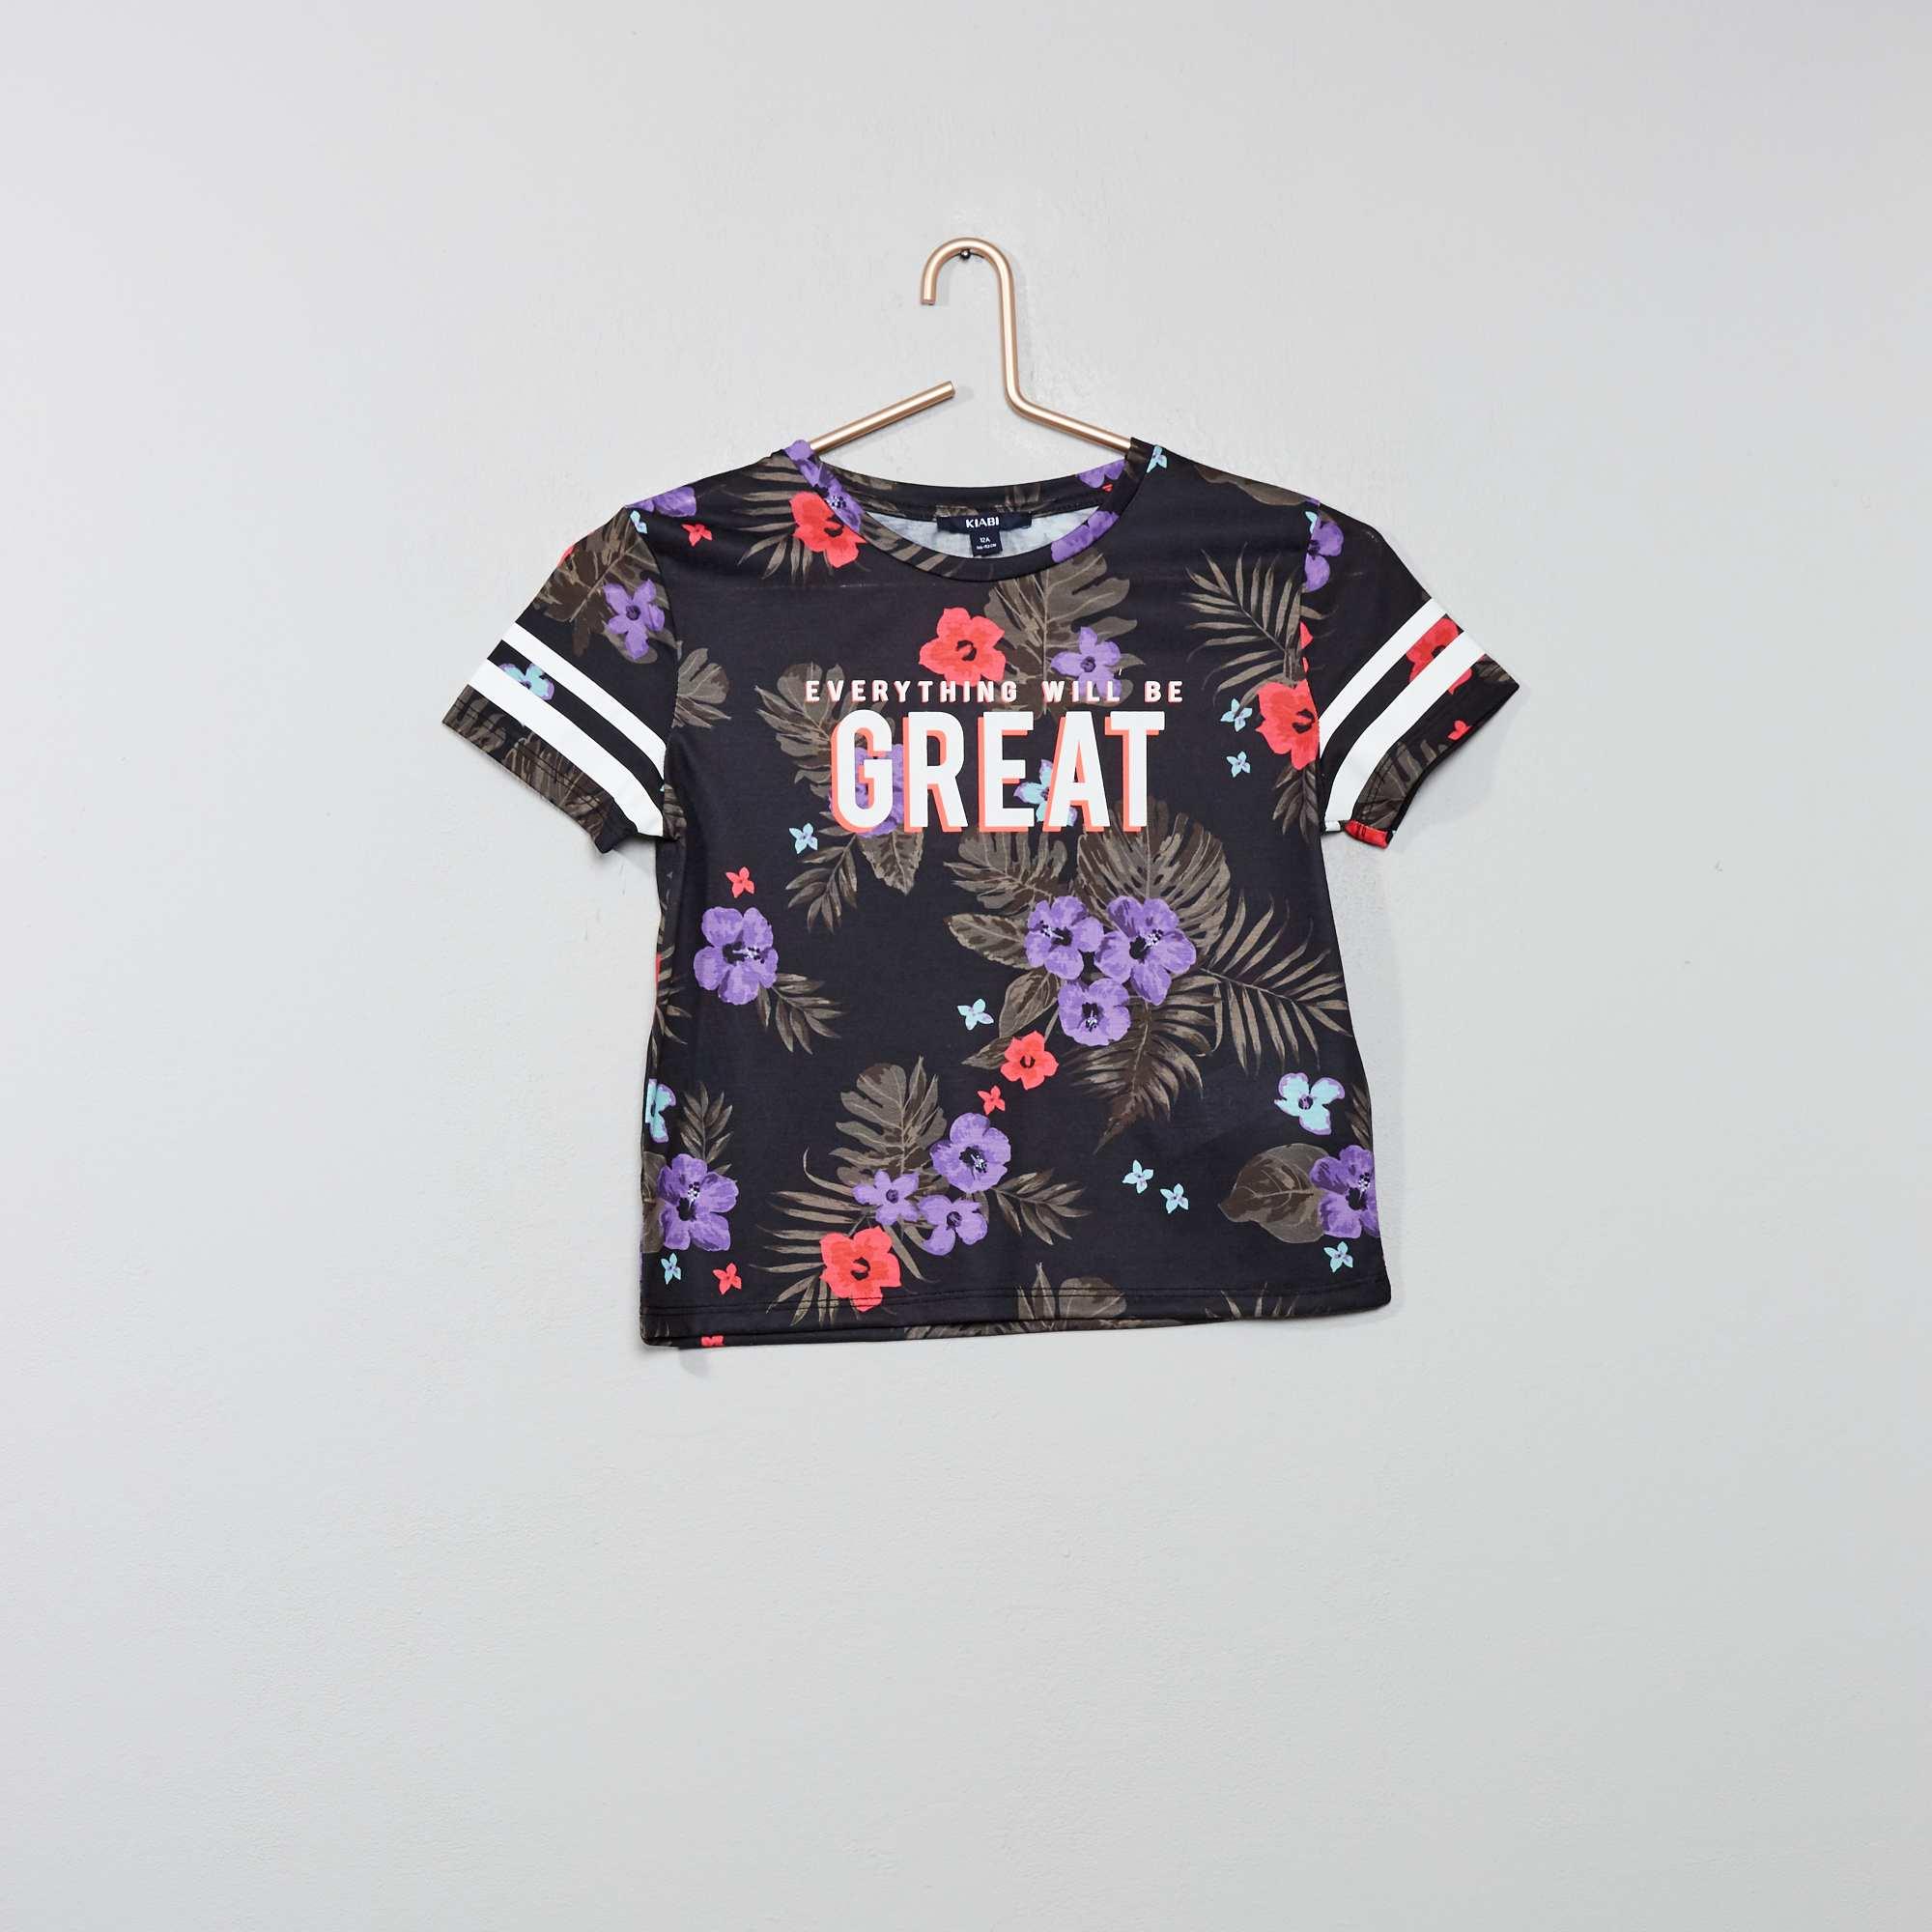 f3a7323c42 Camiseta de flores exóticas Joven niña - negro - Kiabi - 10